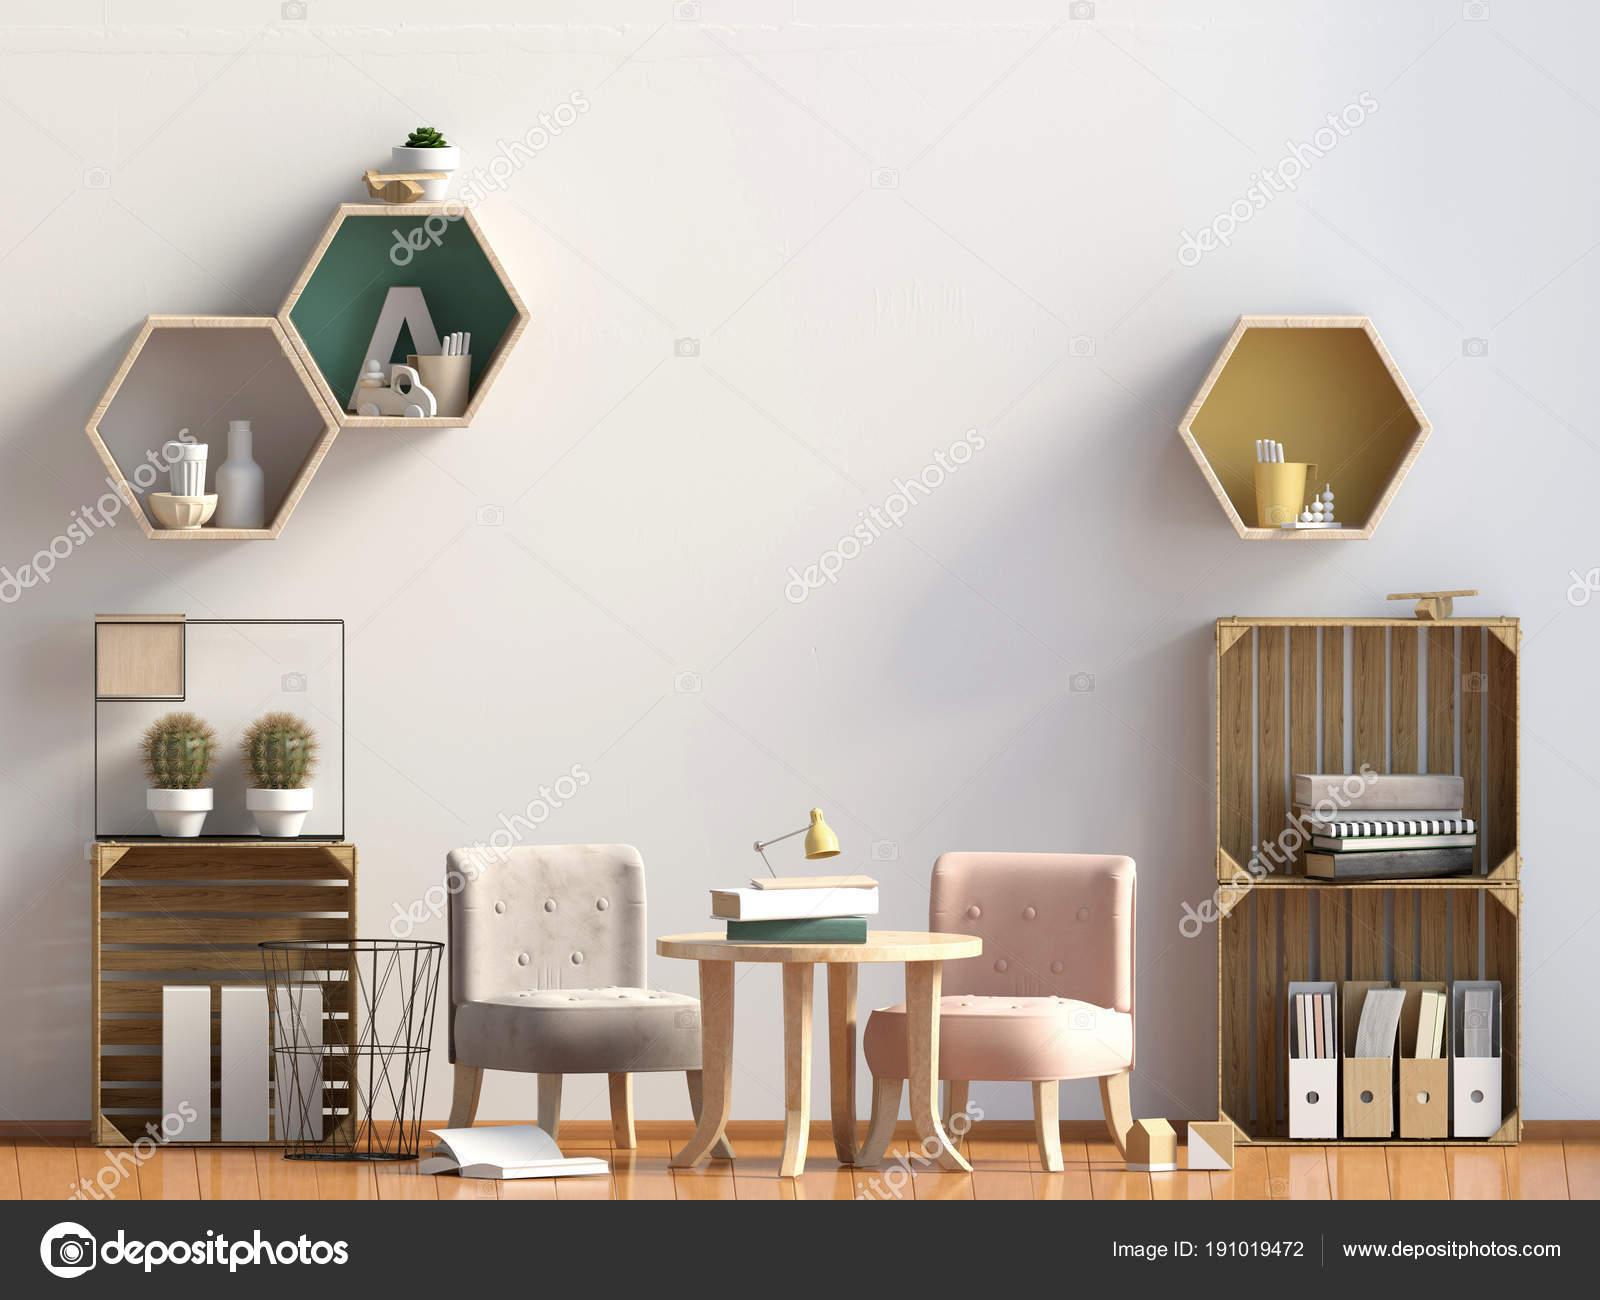 Pastel Chambre Du0027enfant. Salle De Jeux. Style Moderne. Illustration 3Du2013  Images De Stock Libres De Droits